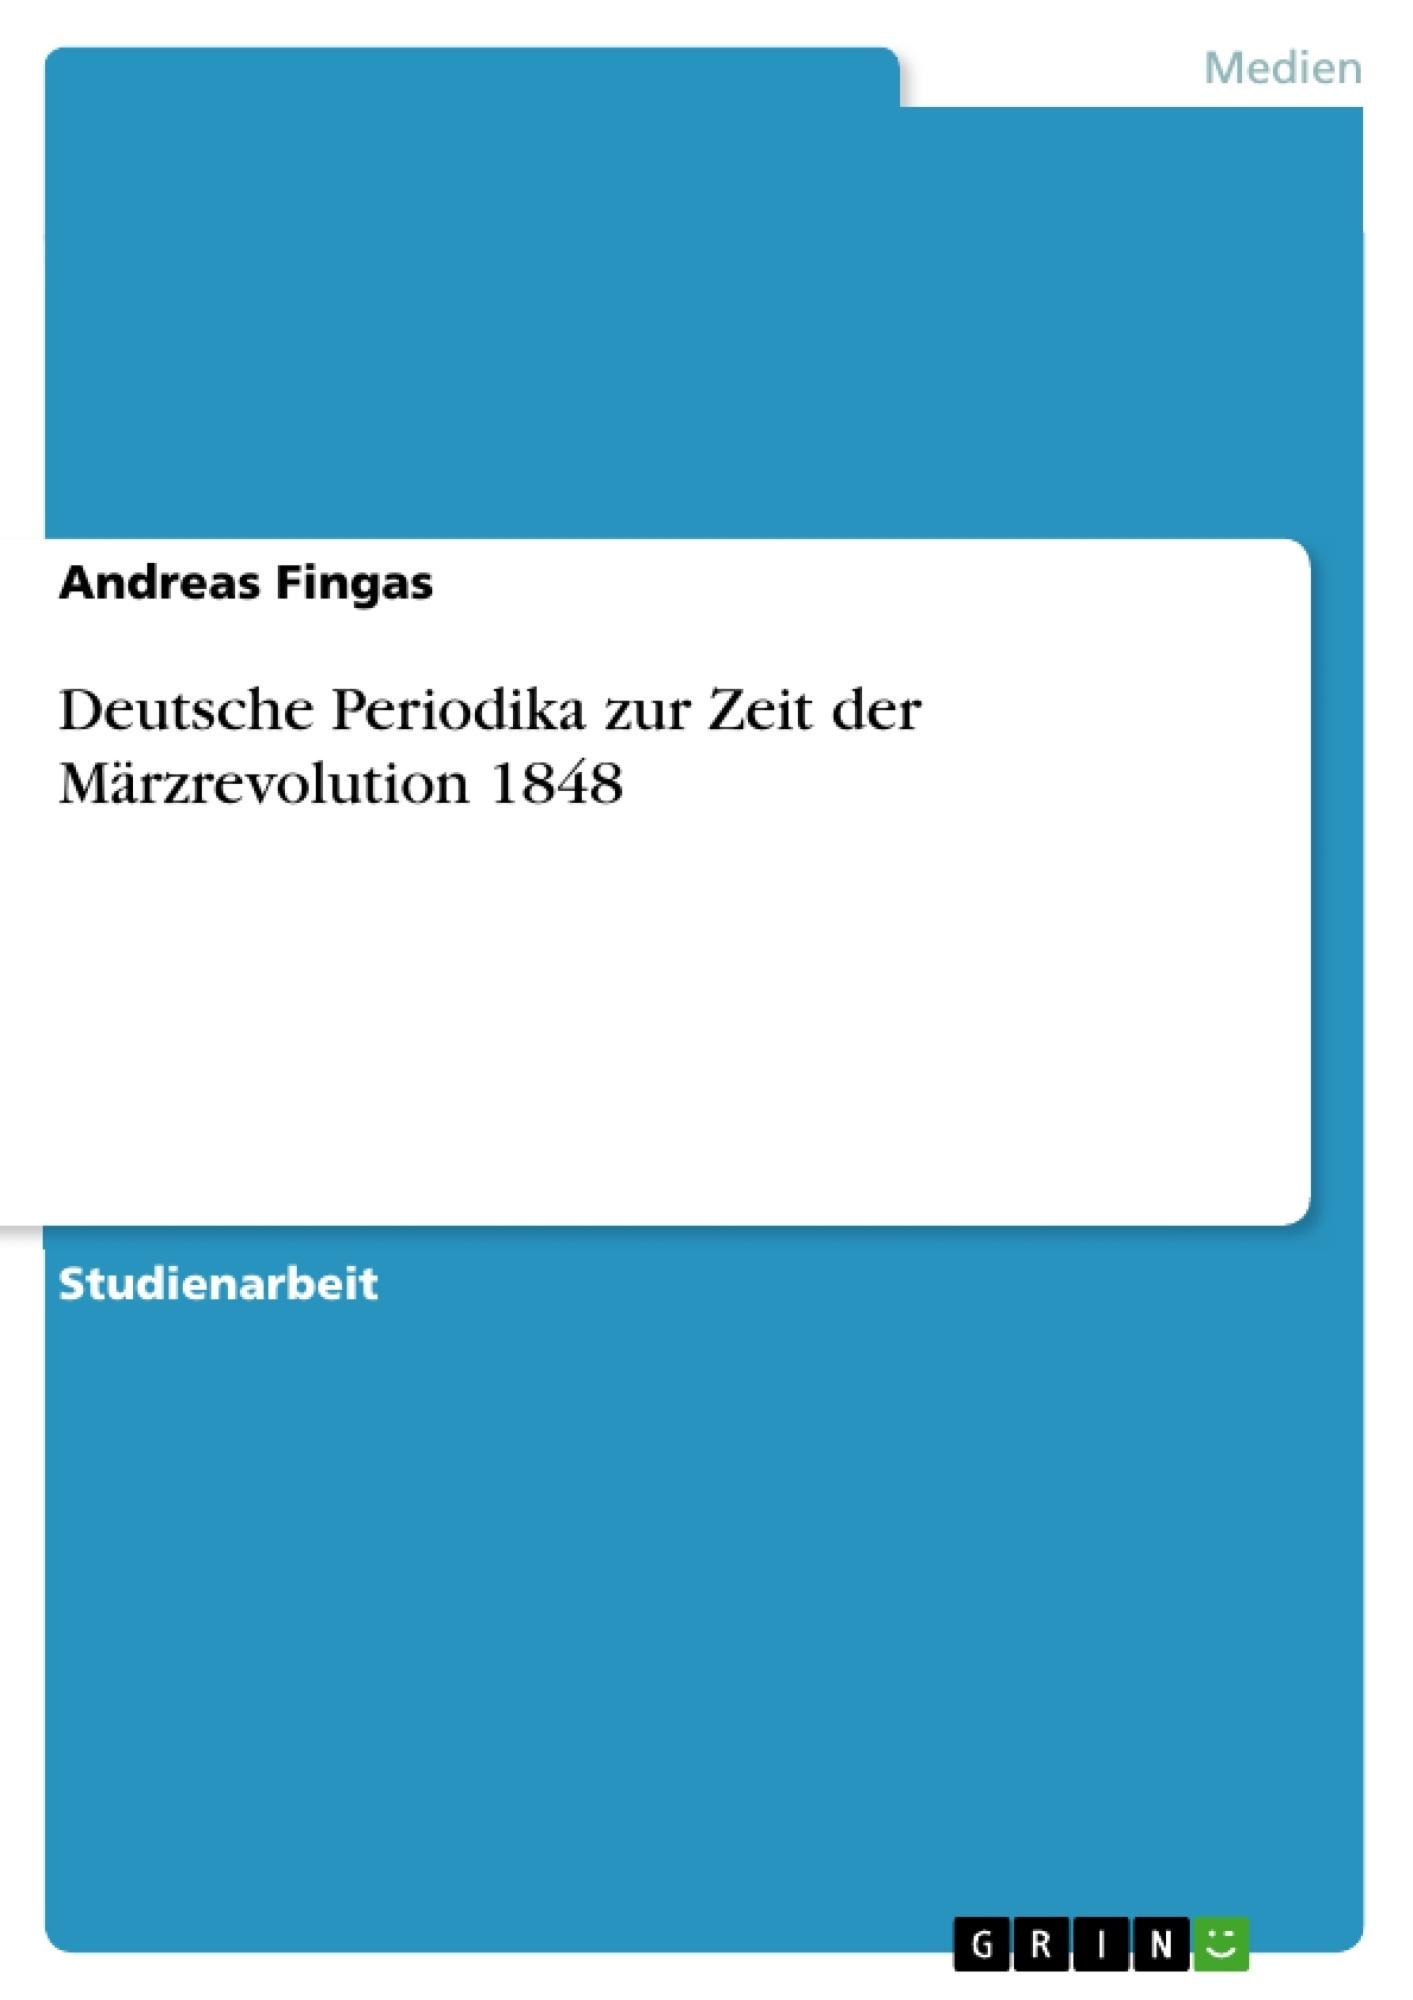 Titel: Deutsche Periodika zur Zeit der Märzrevolution 1848